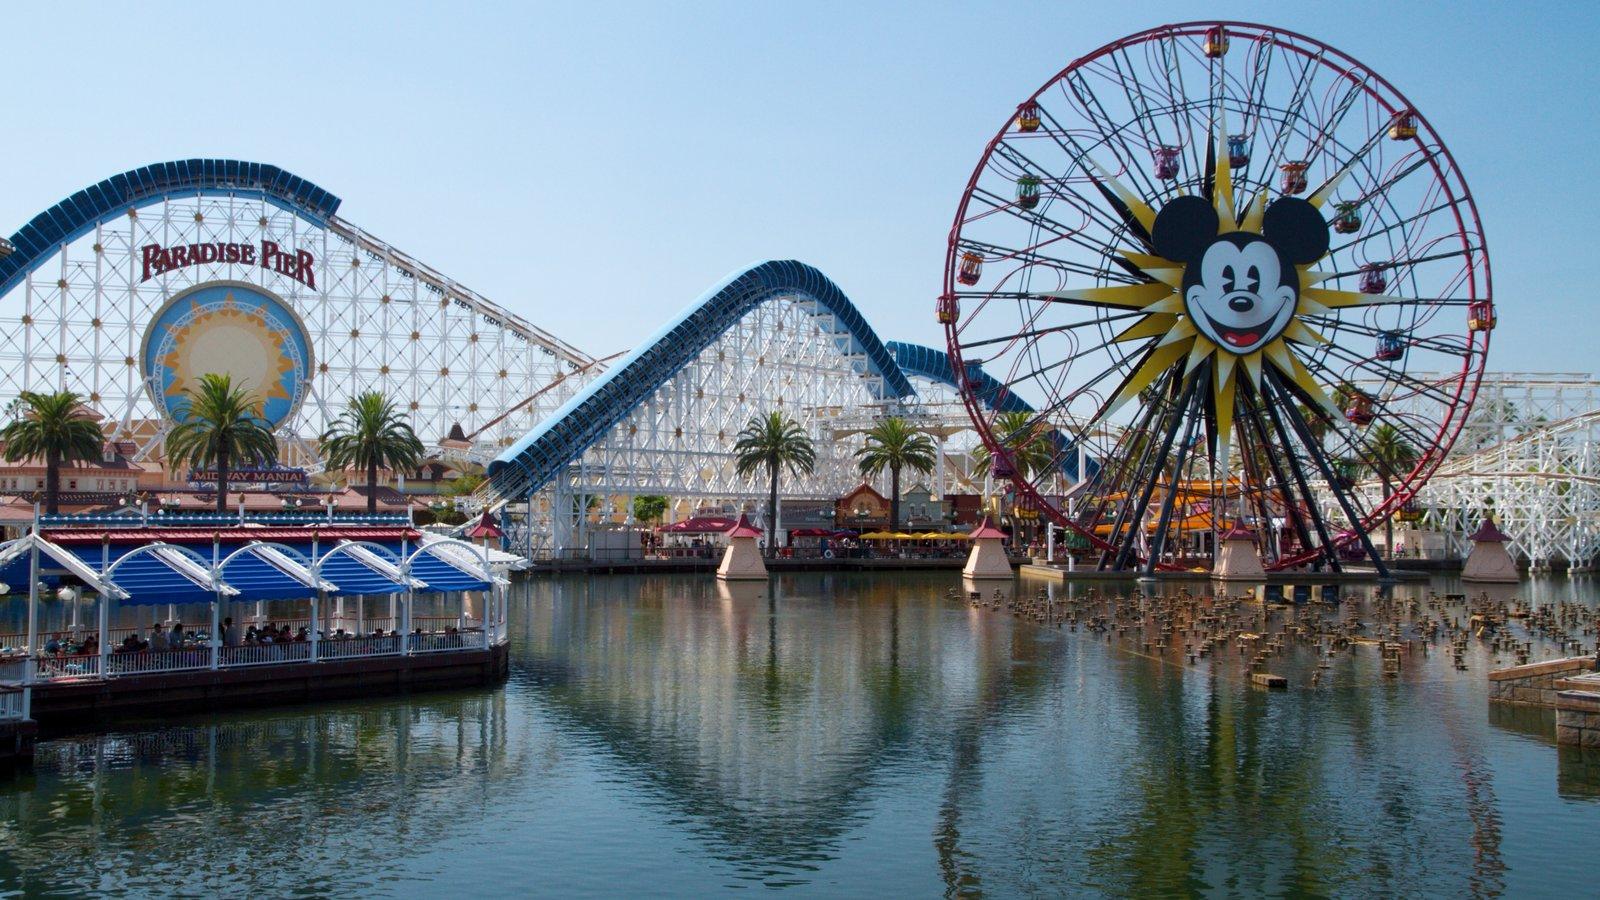 Parque Disney California Adventure® que inclui sinalização e passeios